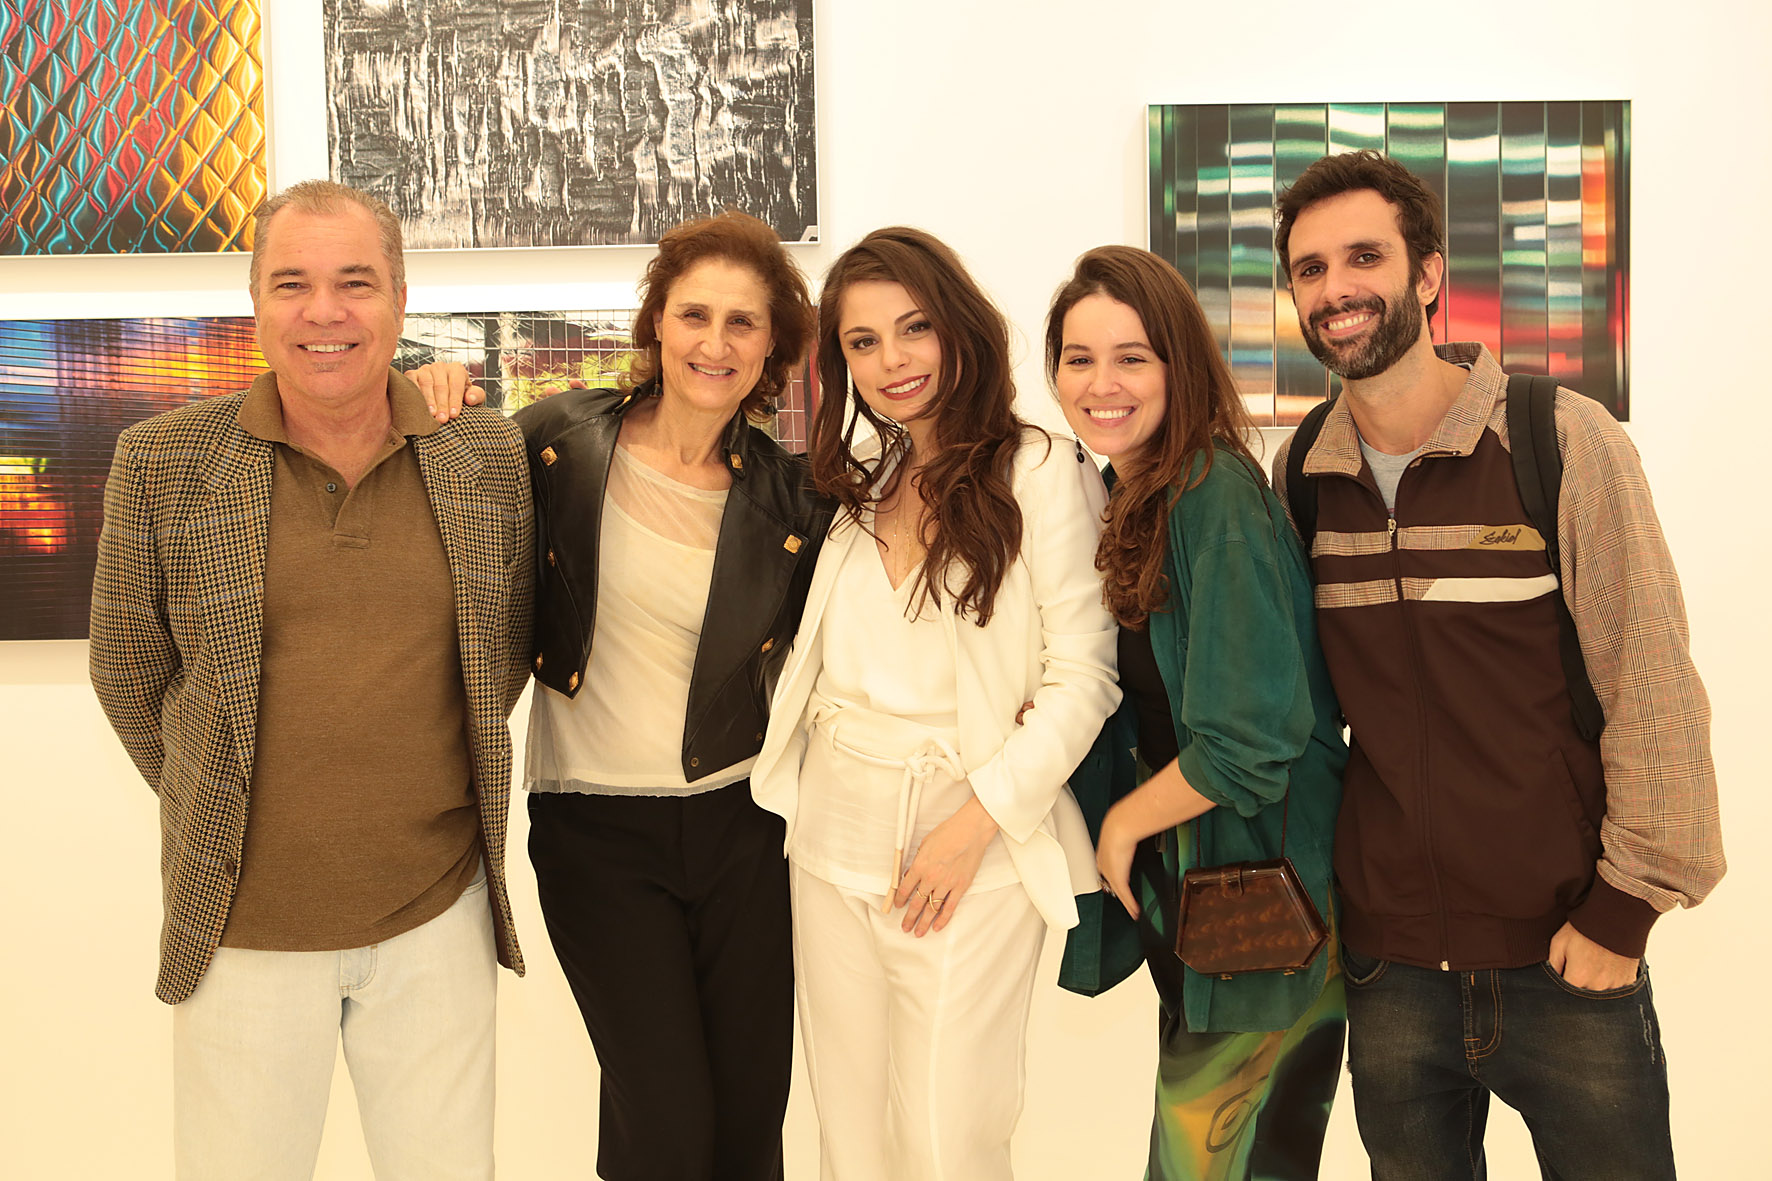 Raul Carvalho, Monica de Figueiredo, Patricia Thompson, Luli Carvalho e Pedro Richaid_AGi9_Reginaldo Teixeira_p